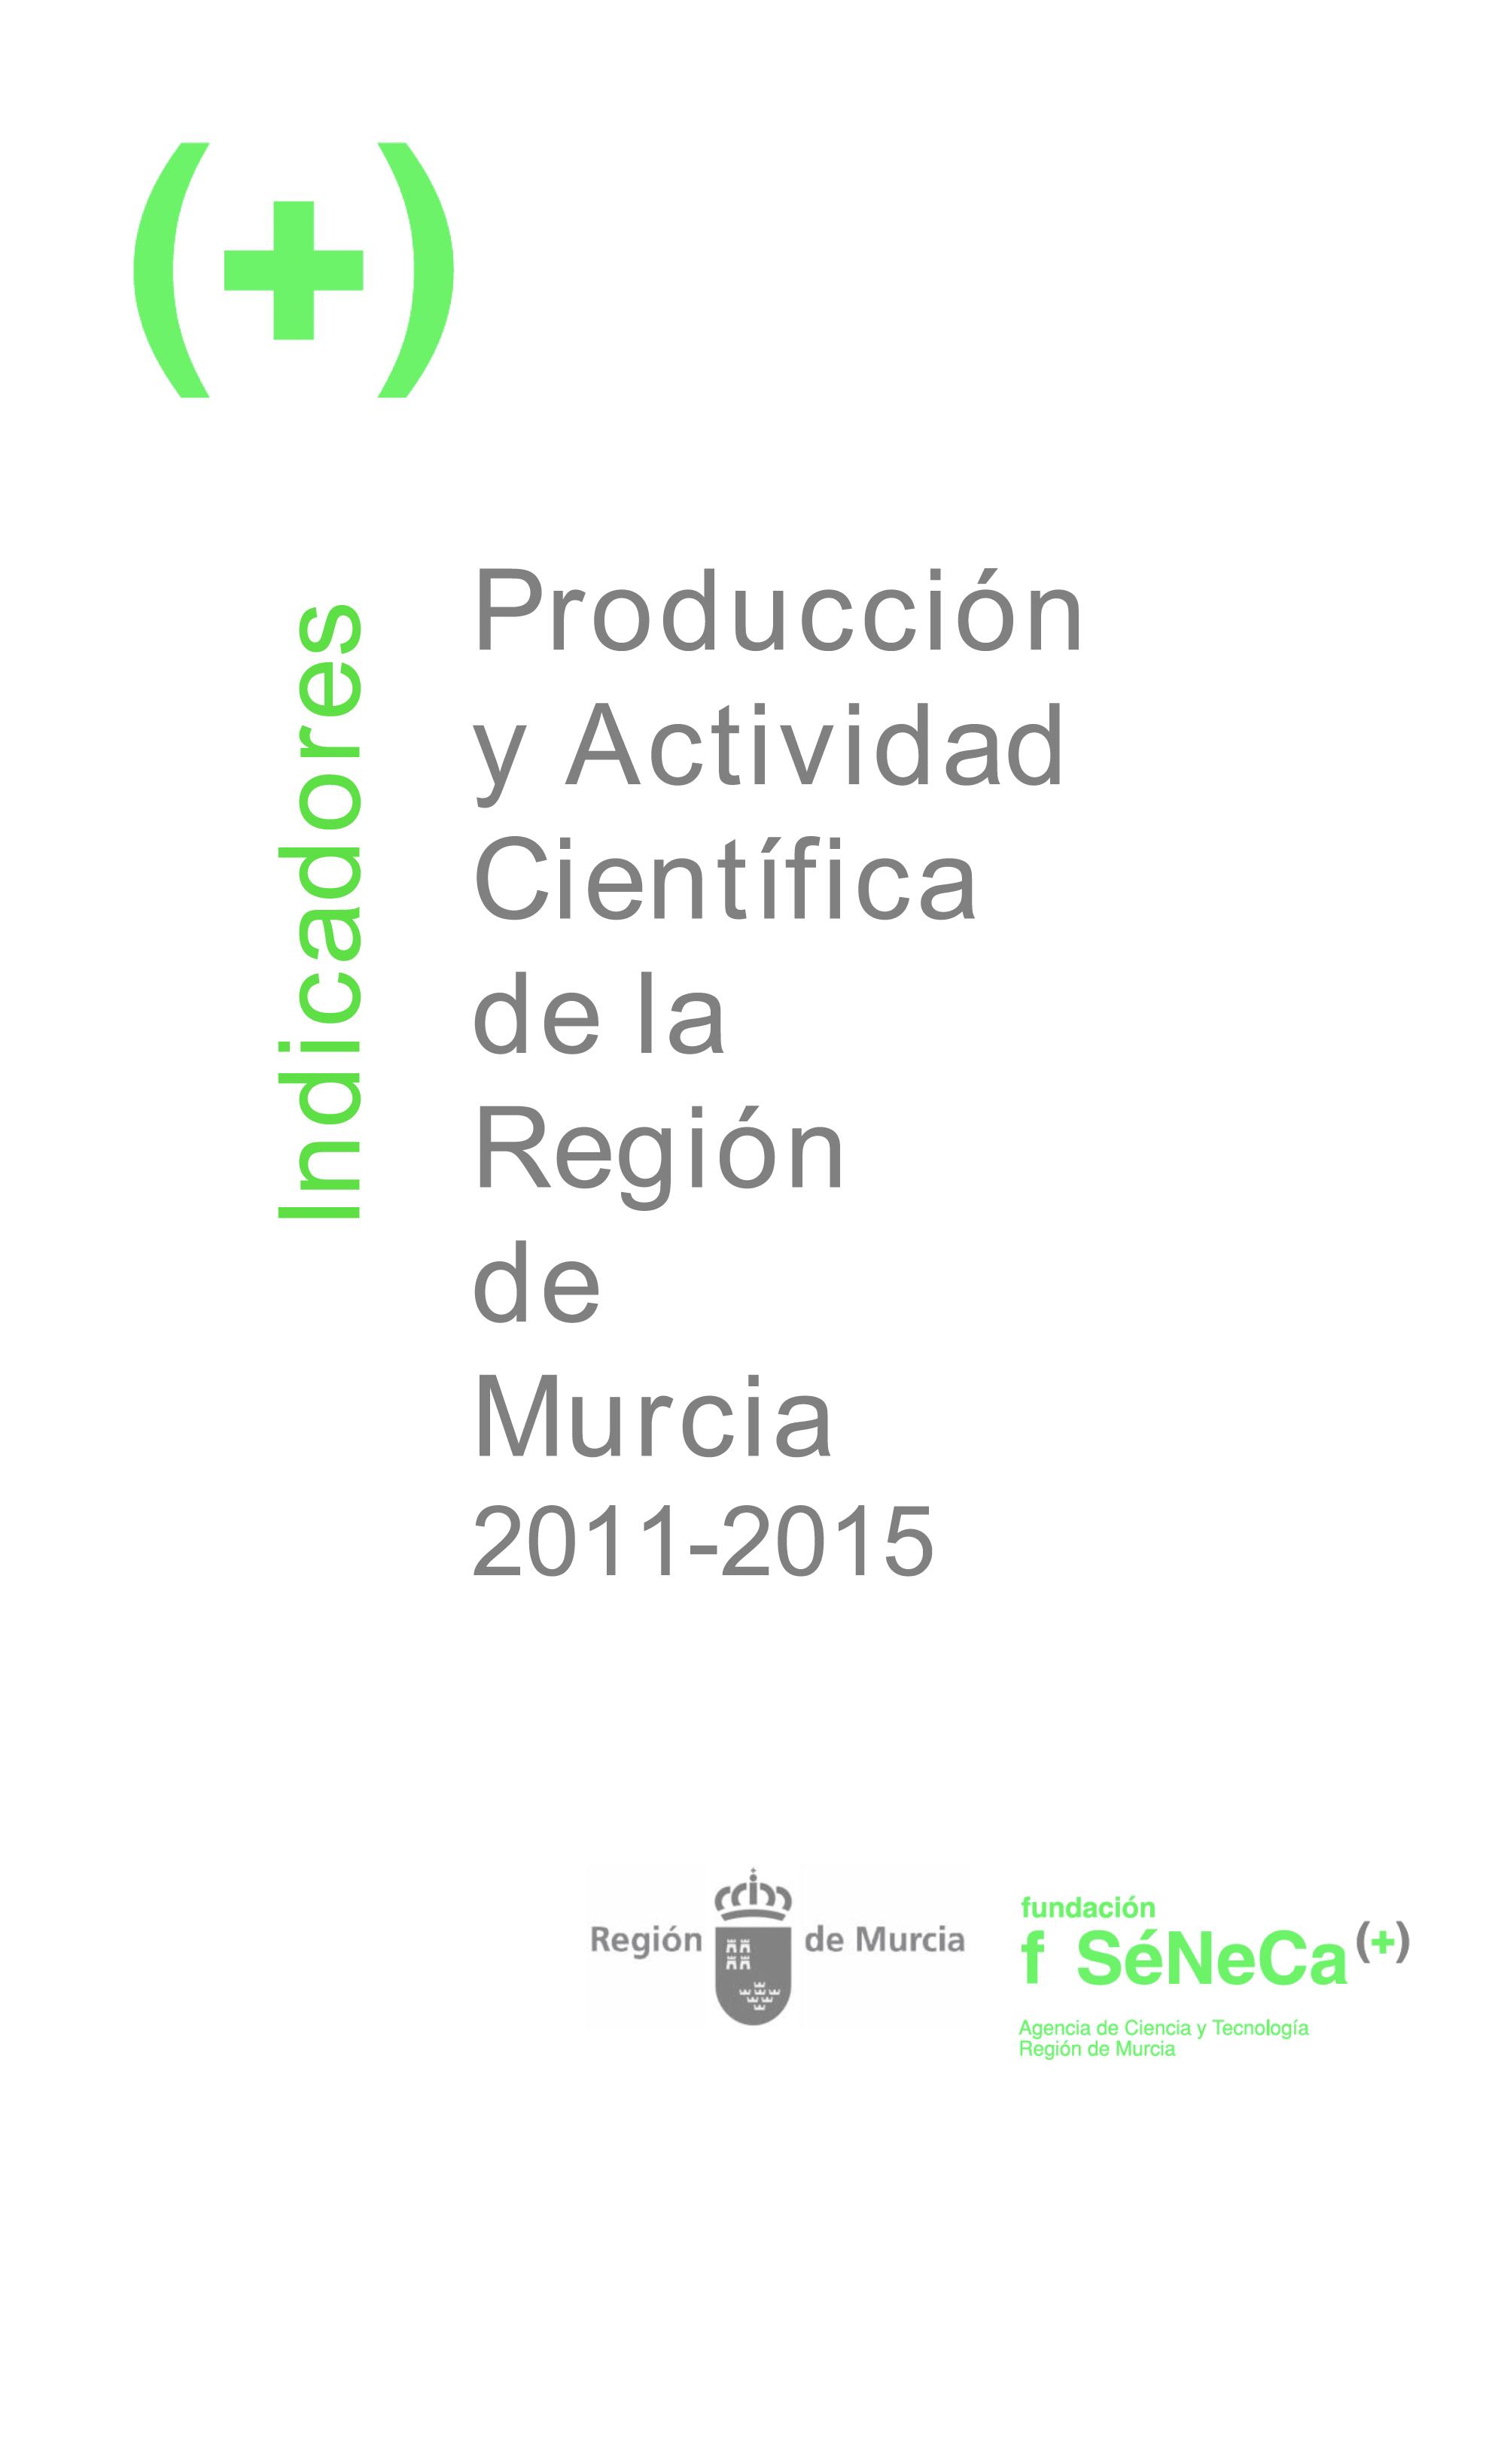 Indicadores de producción y actividad científica de la Región de Murcia 2011-2015